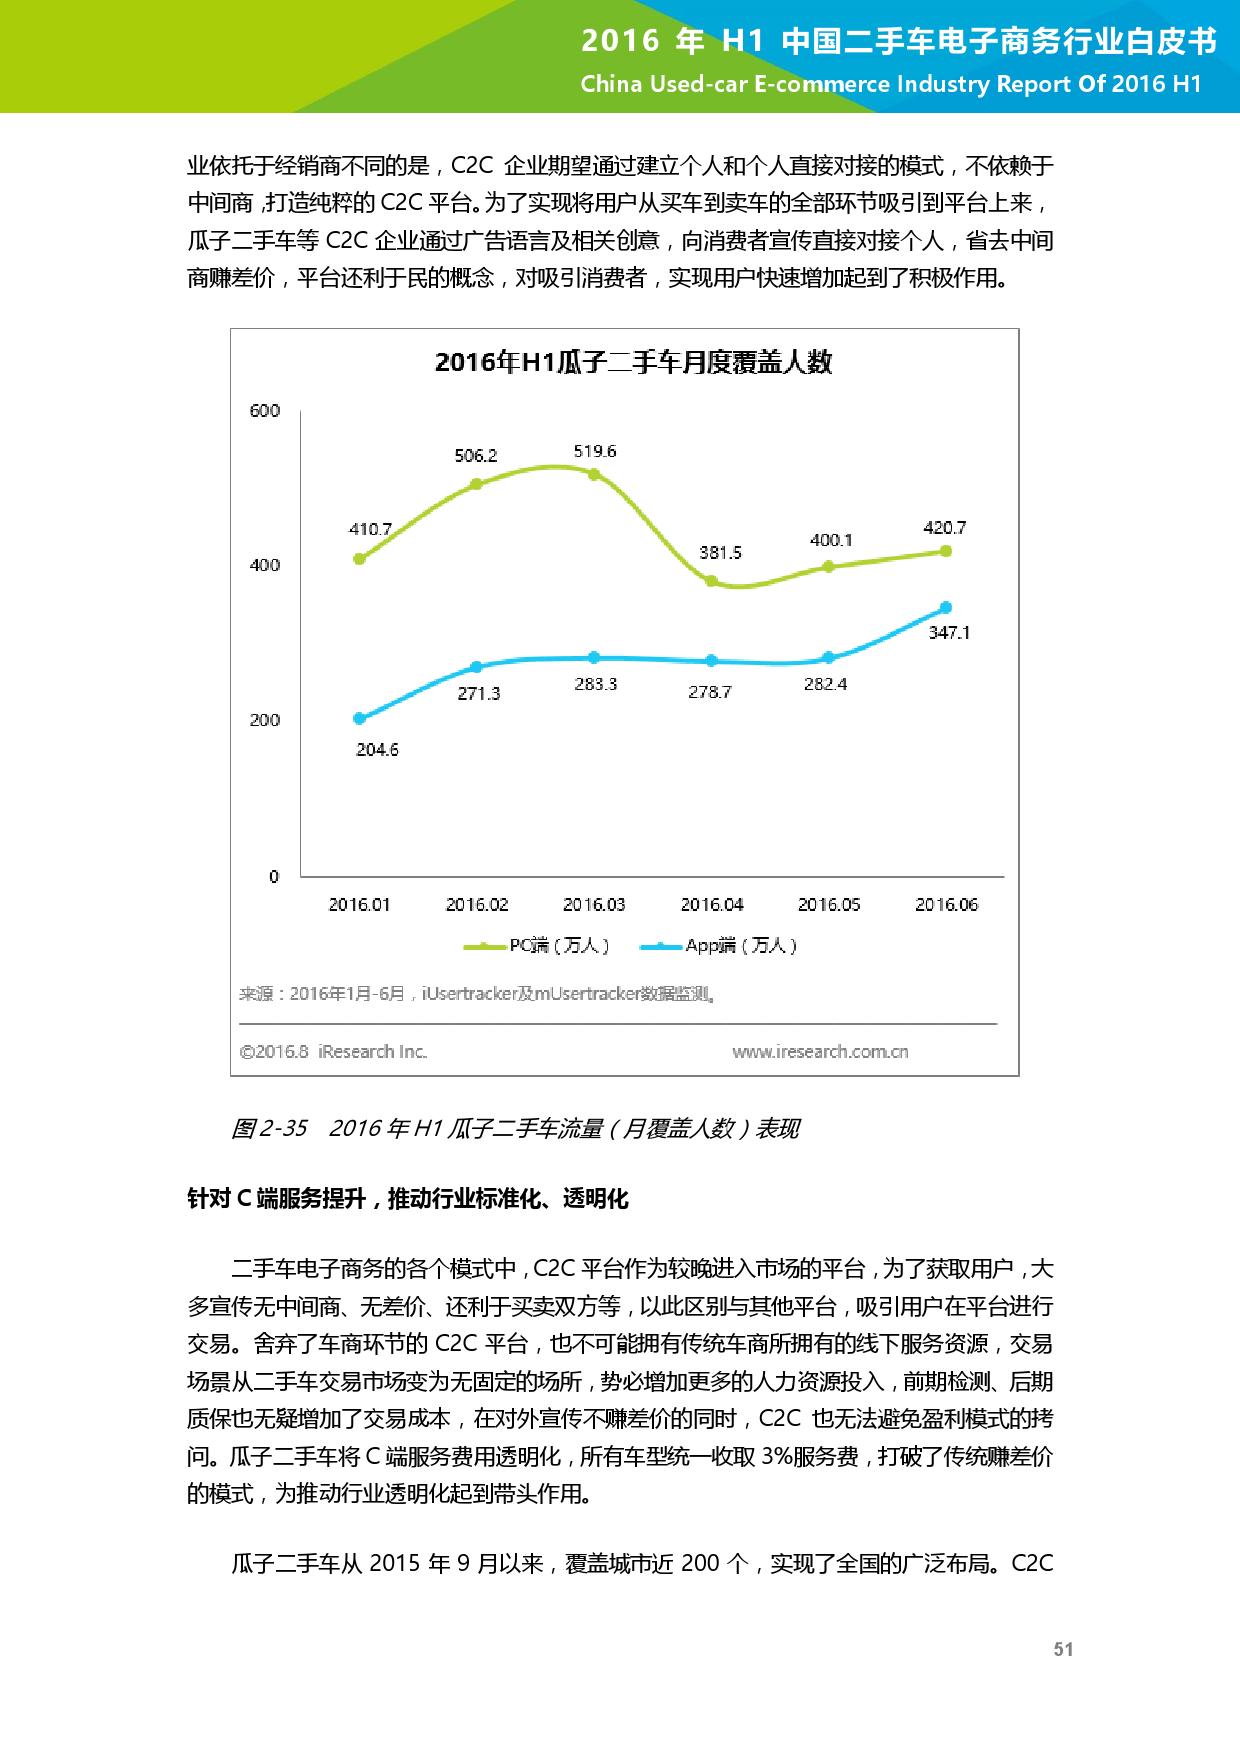 2016年H1中国二手车电子商务行业白皮书_000052